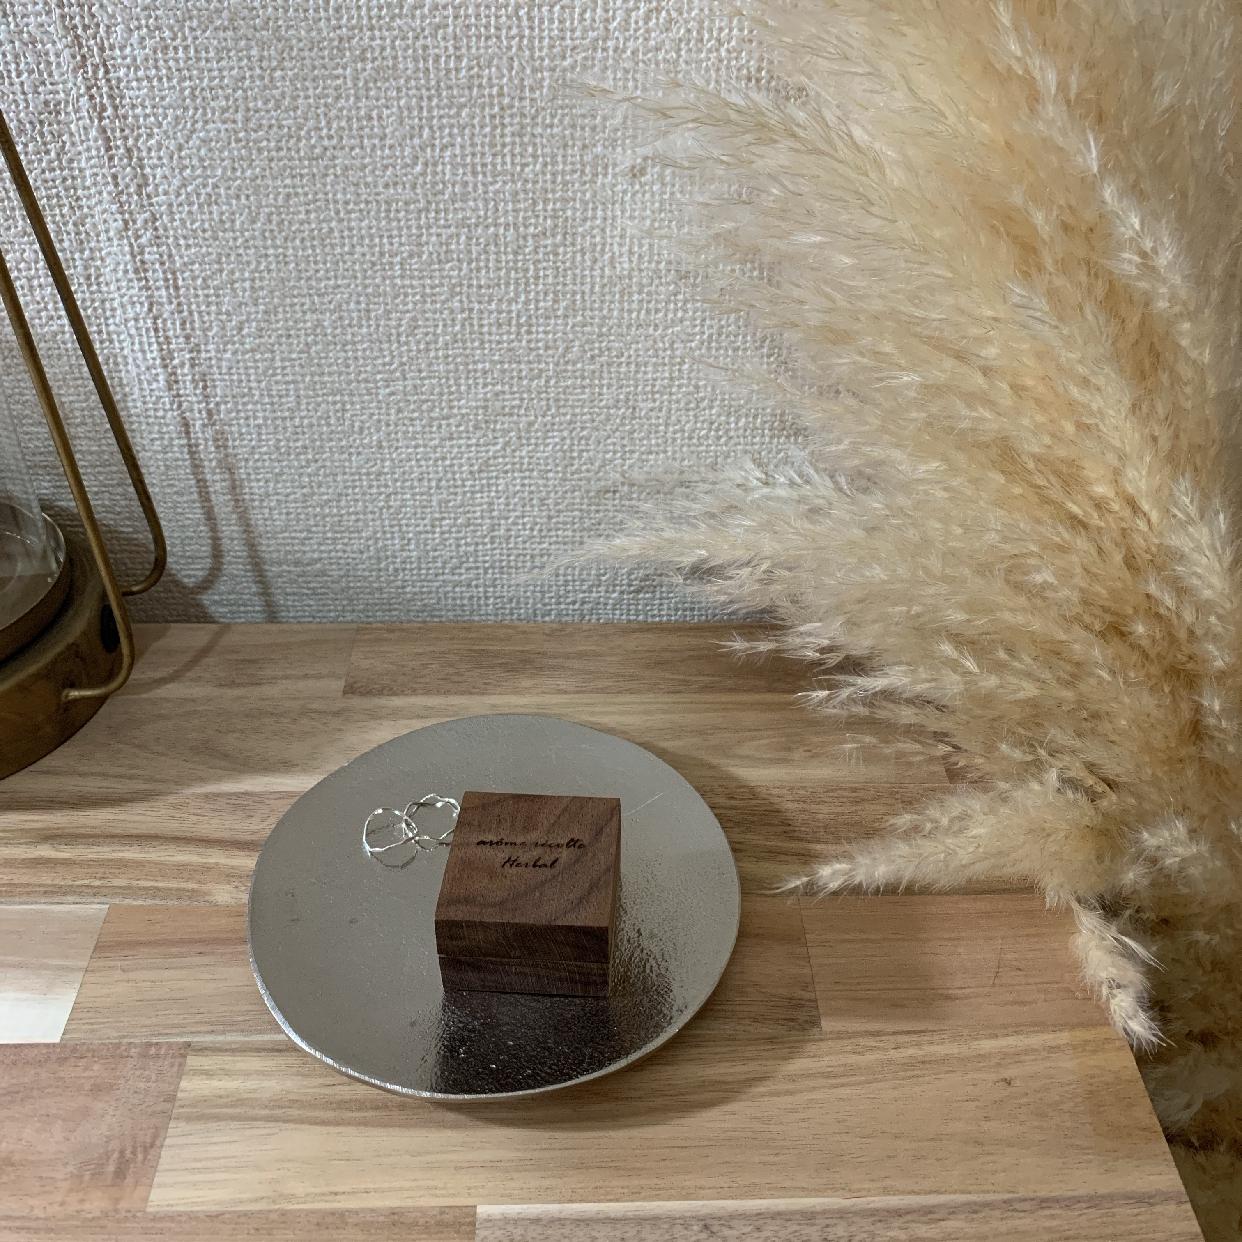 arome recolte(アロマレコルト)ナチュラルソリッドパフュームを使った tomomiさんの口コミ画像1